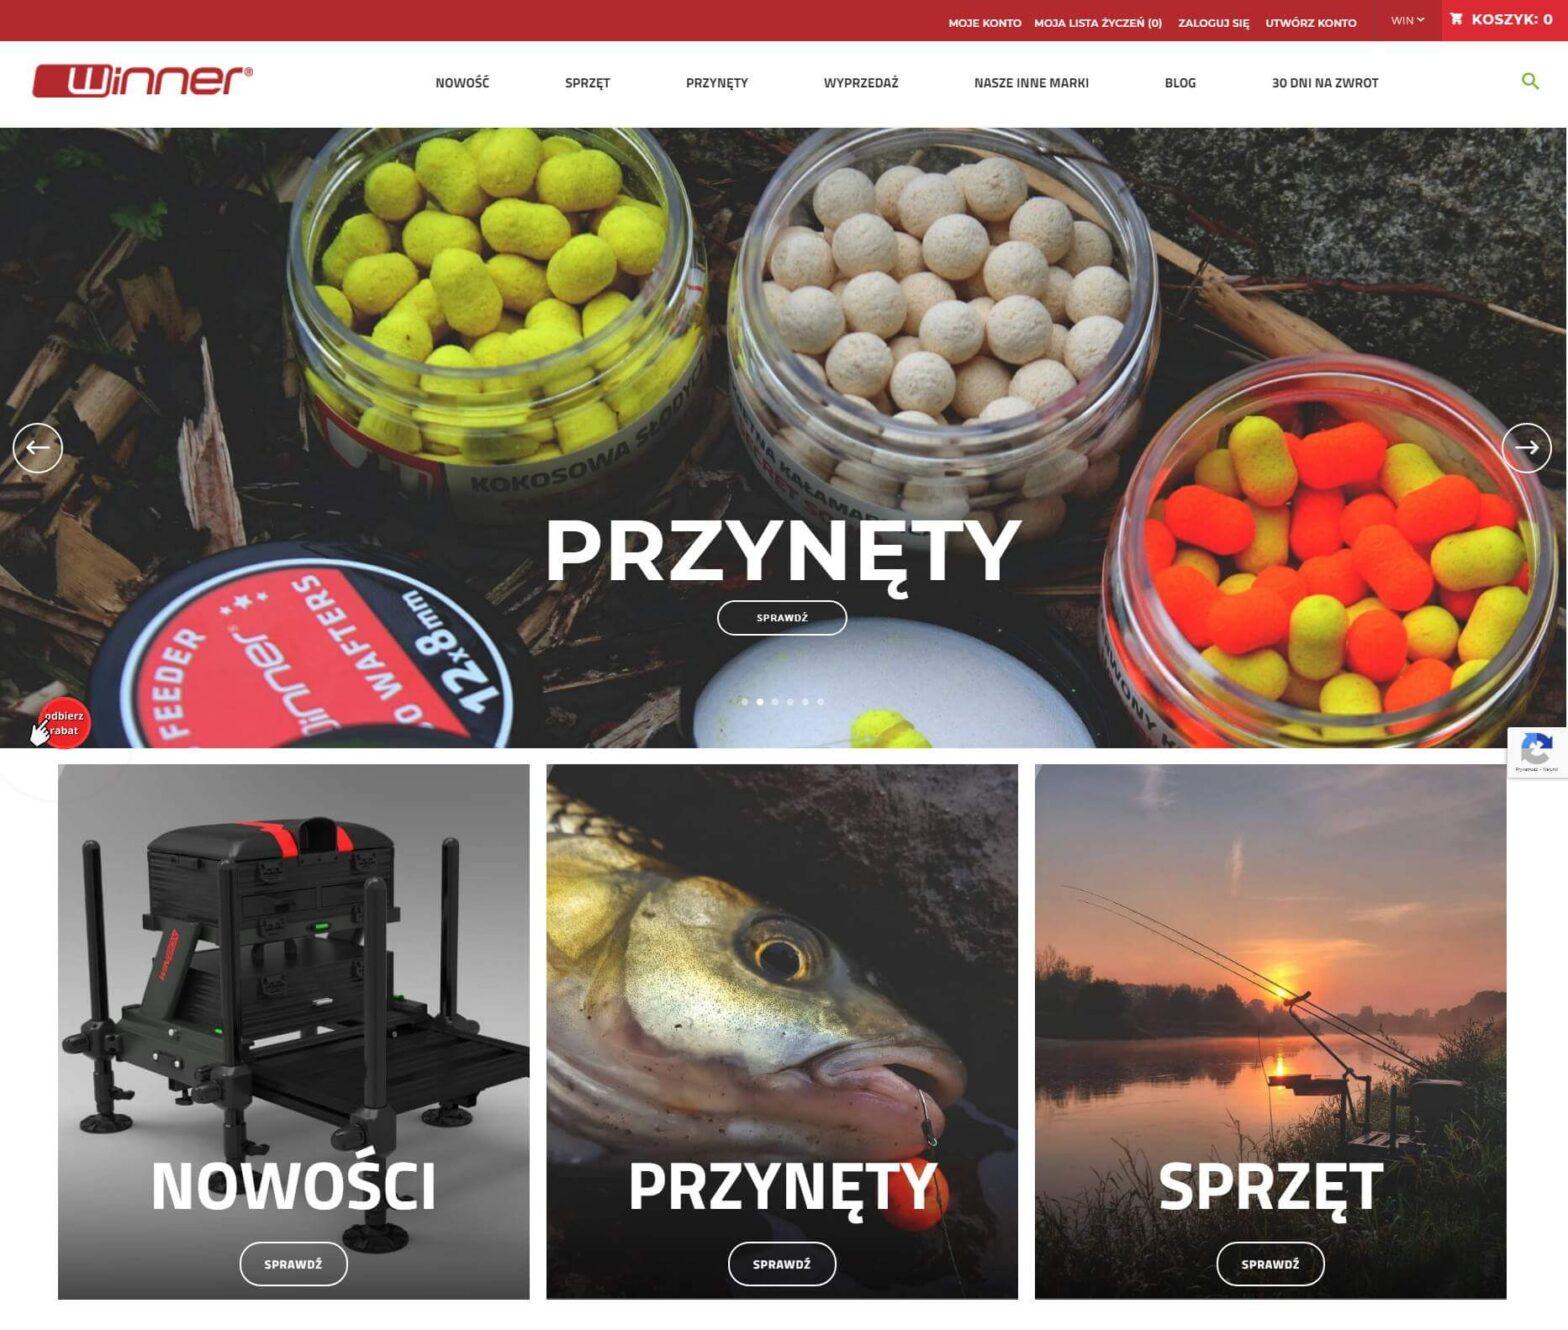 winnerfishing.com - Wszystko dla każdego wędkarza karpiowego